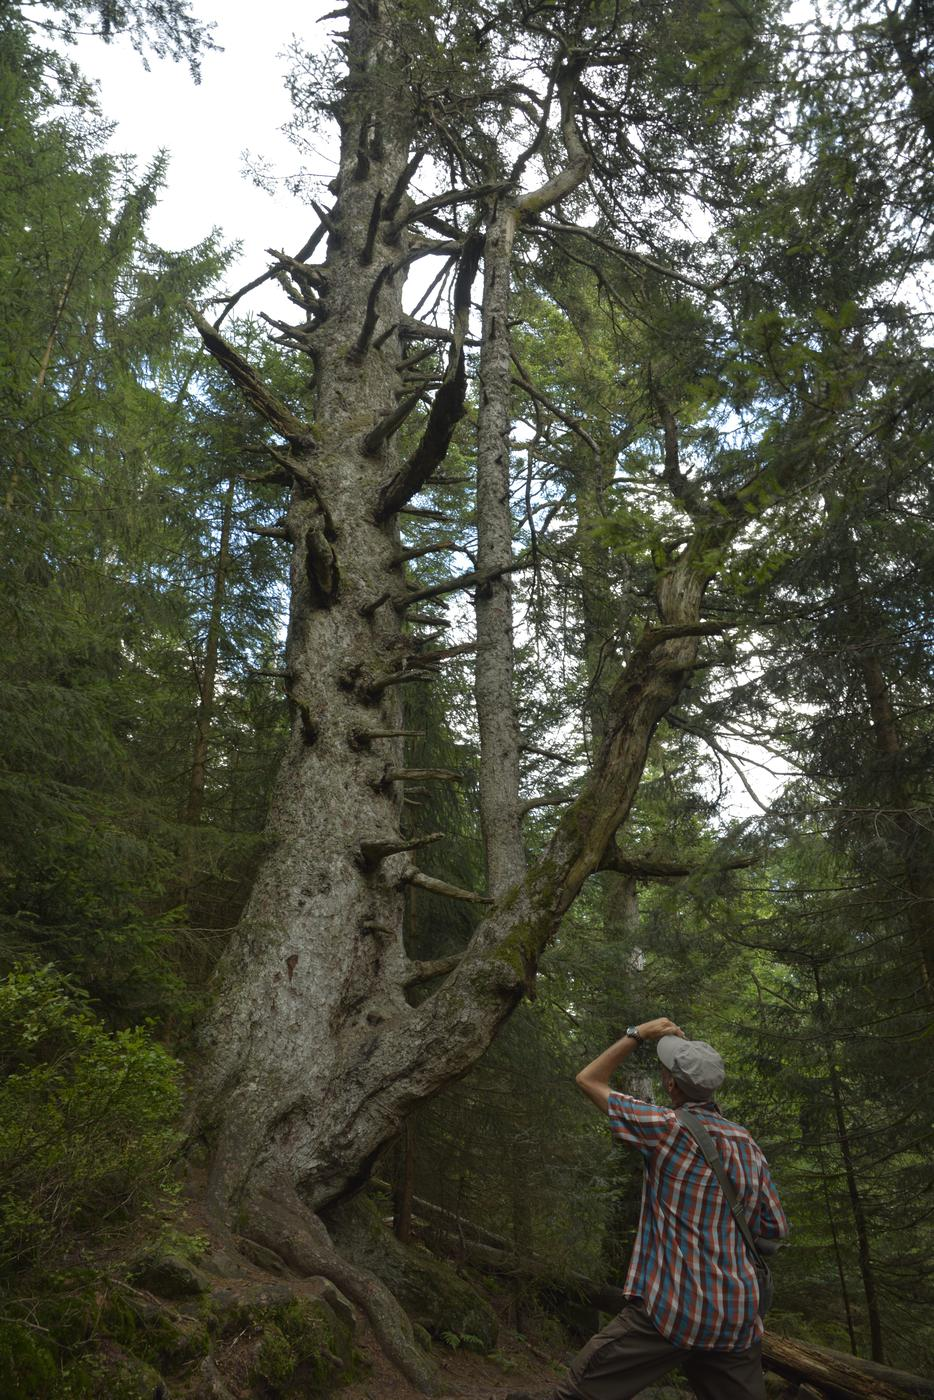 Rund 200 Jahre alt: die Weißtanne im Bannwald.